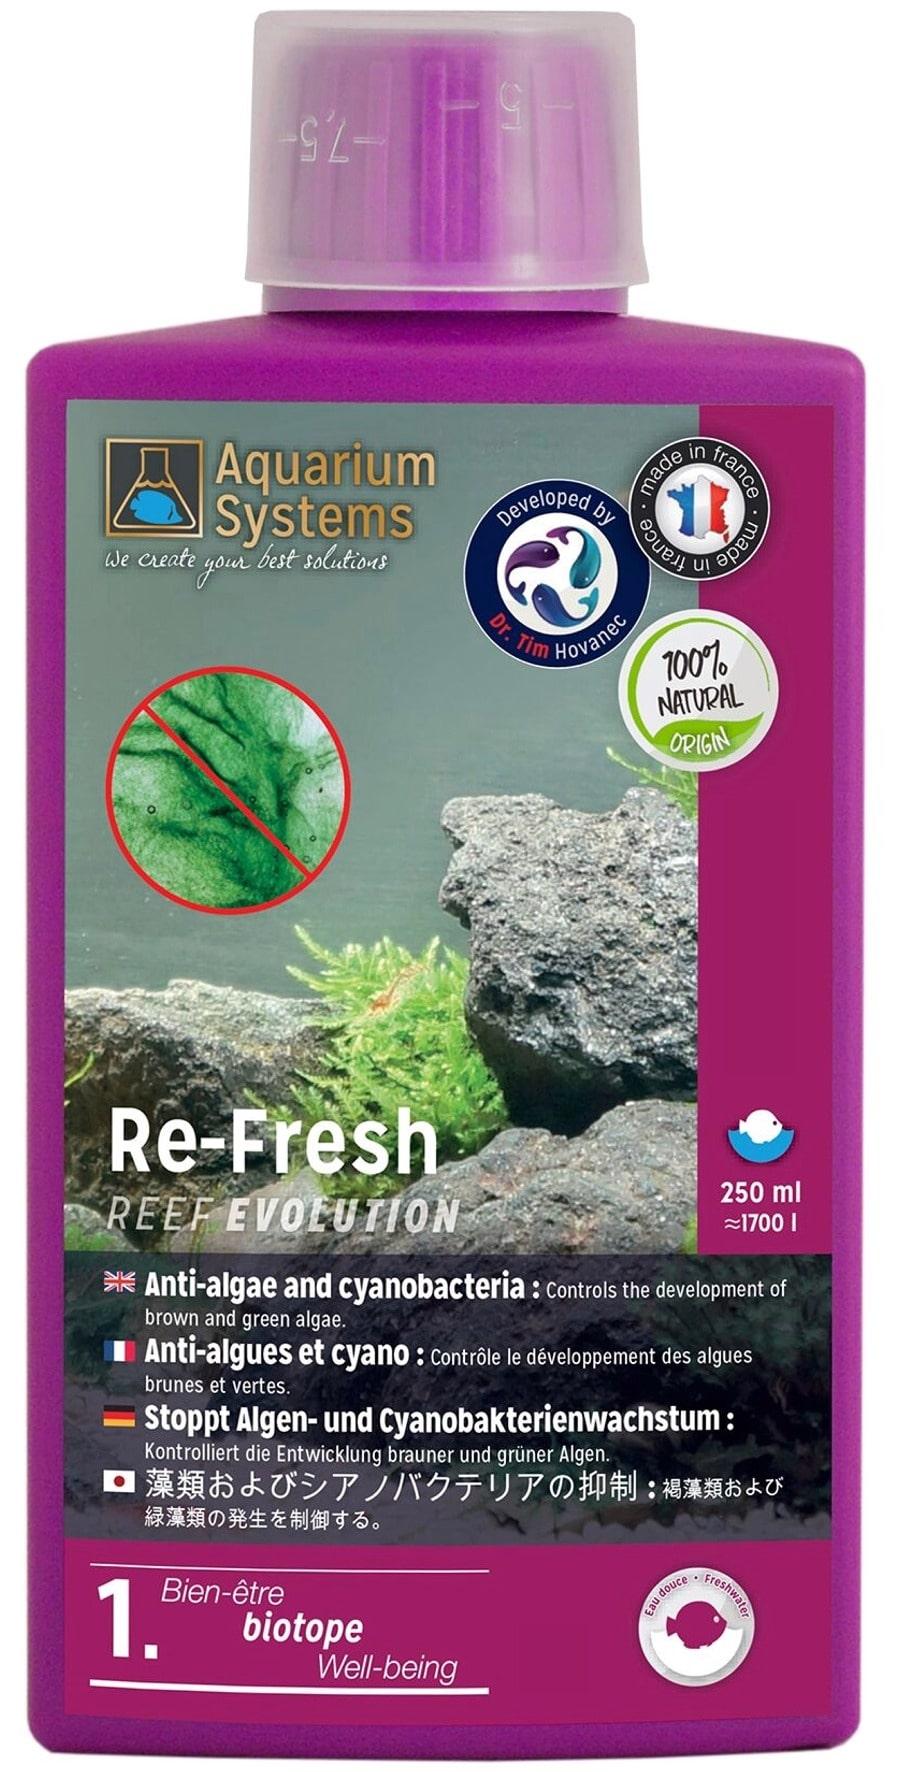 AQUARIUM SYSTEMS Re-Fresh Eau Douce 250 ml contrôle le développement des algues et Cyanobactéries en aquarium